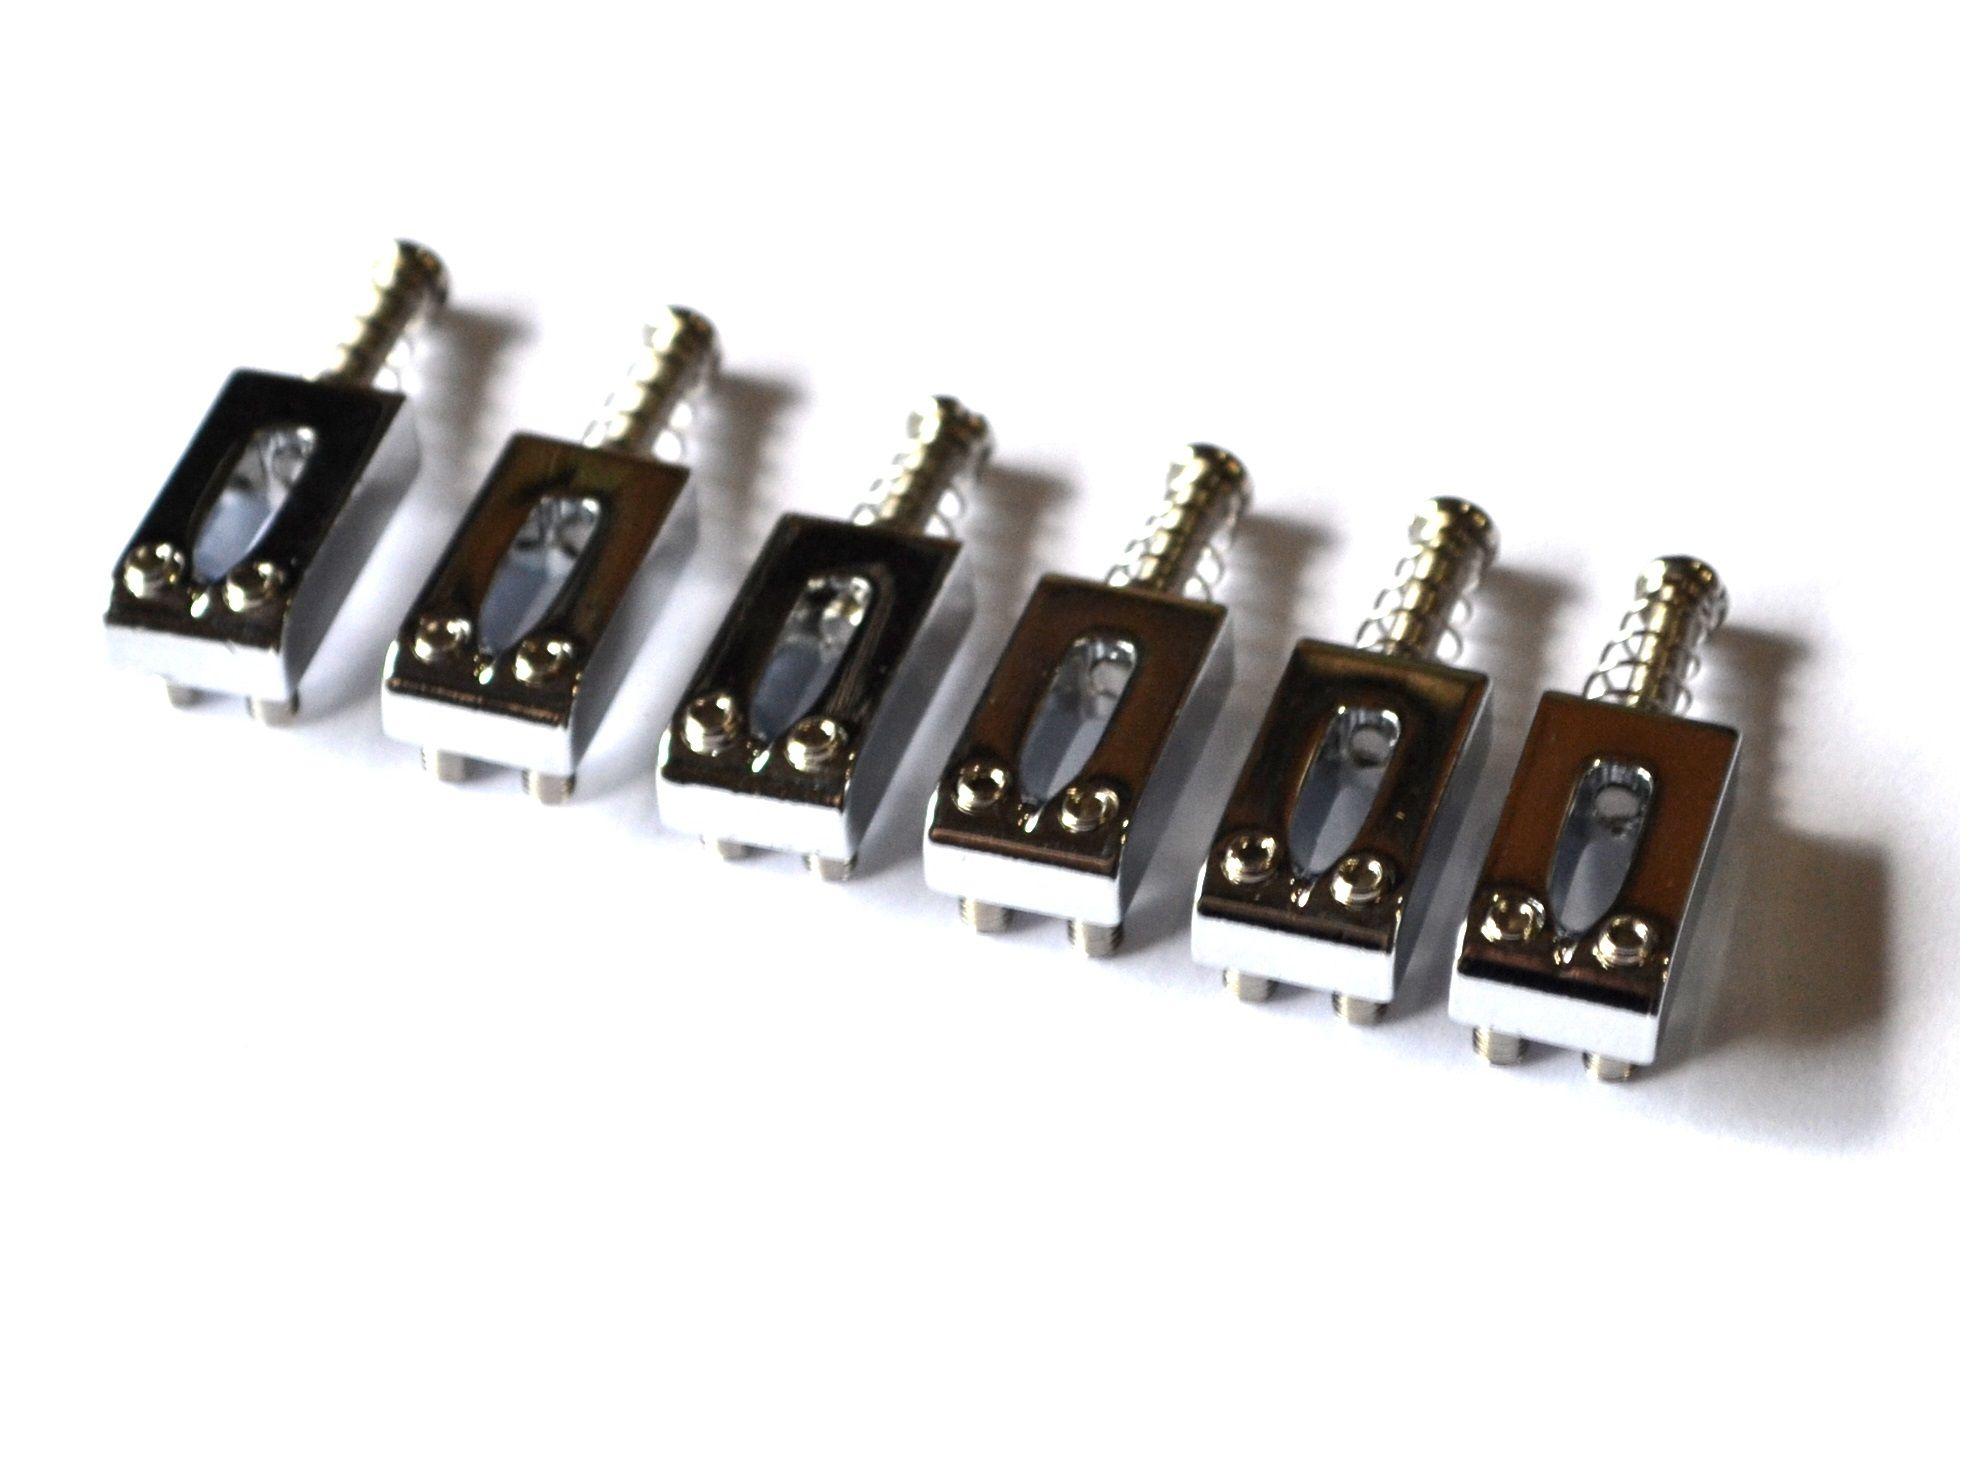 Carrinhos (saddles) cromados para guitarra - Espaçamento 10.8mm - Kit com 6 peças - Sung-il (PS006)  - Luthieria Brasil